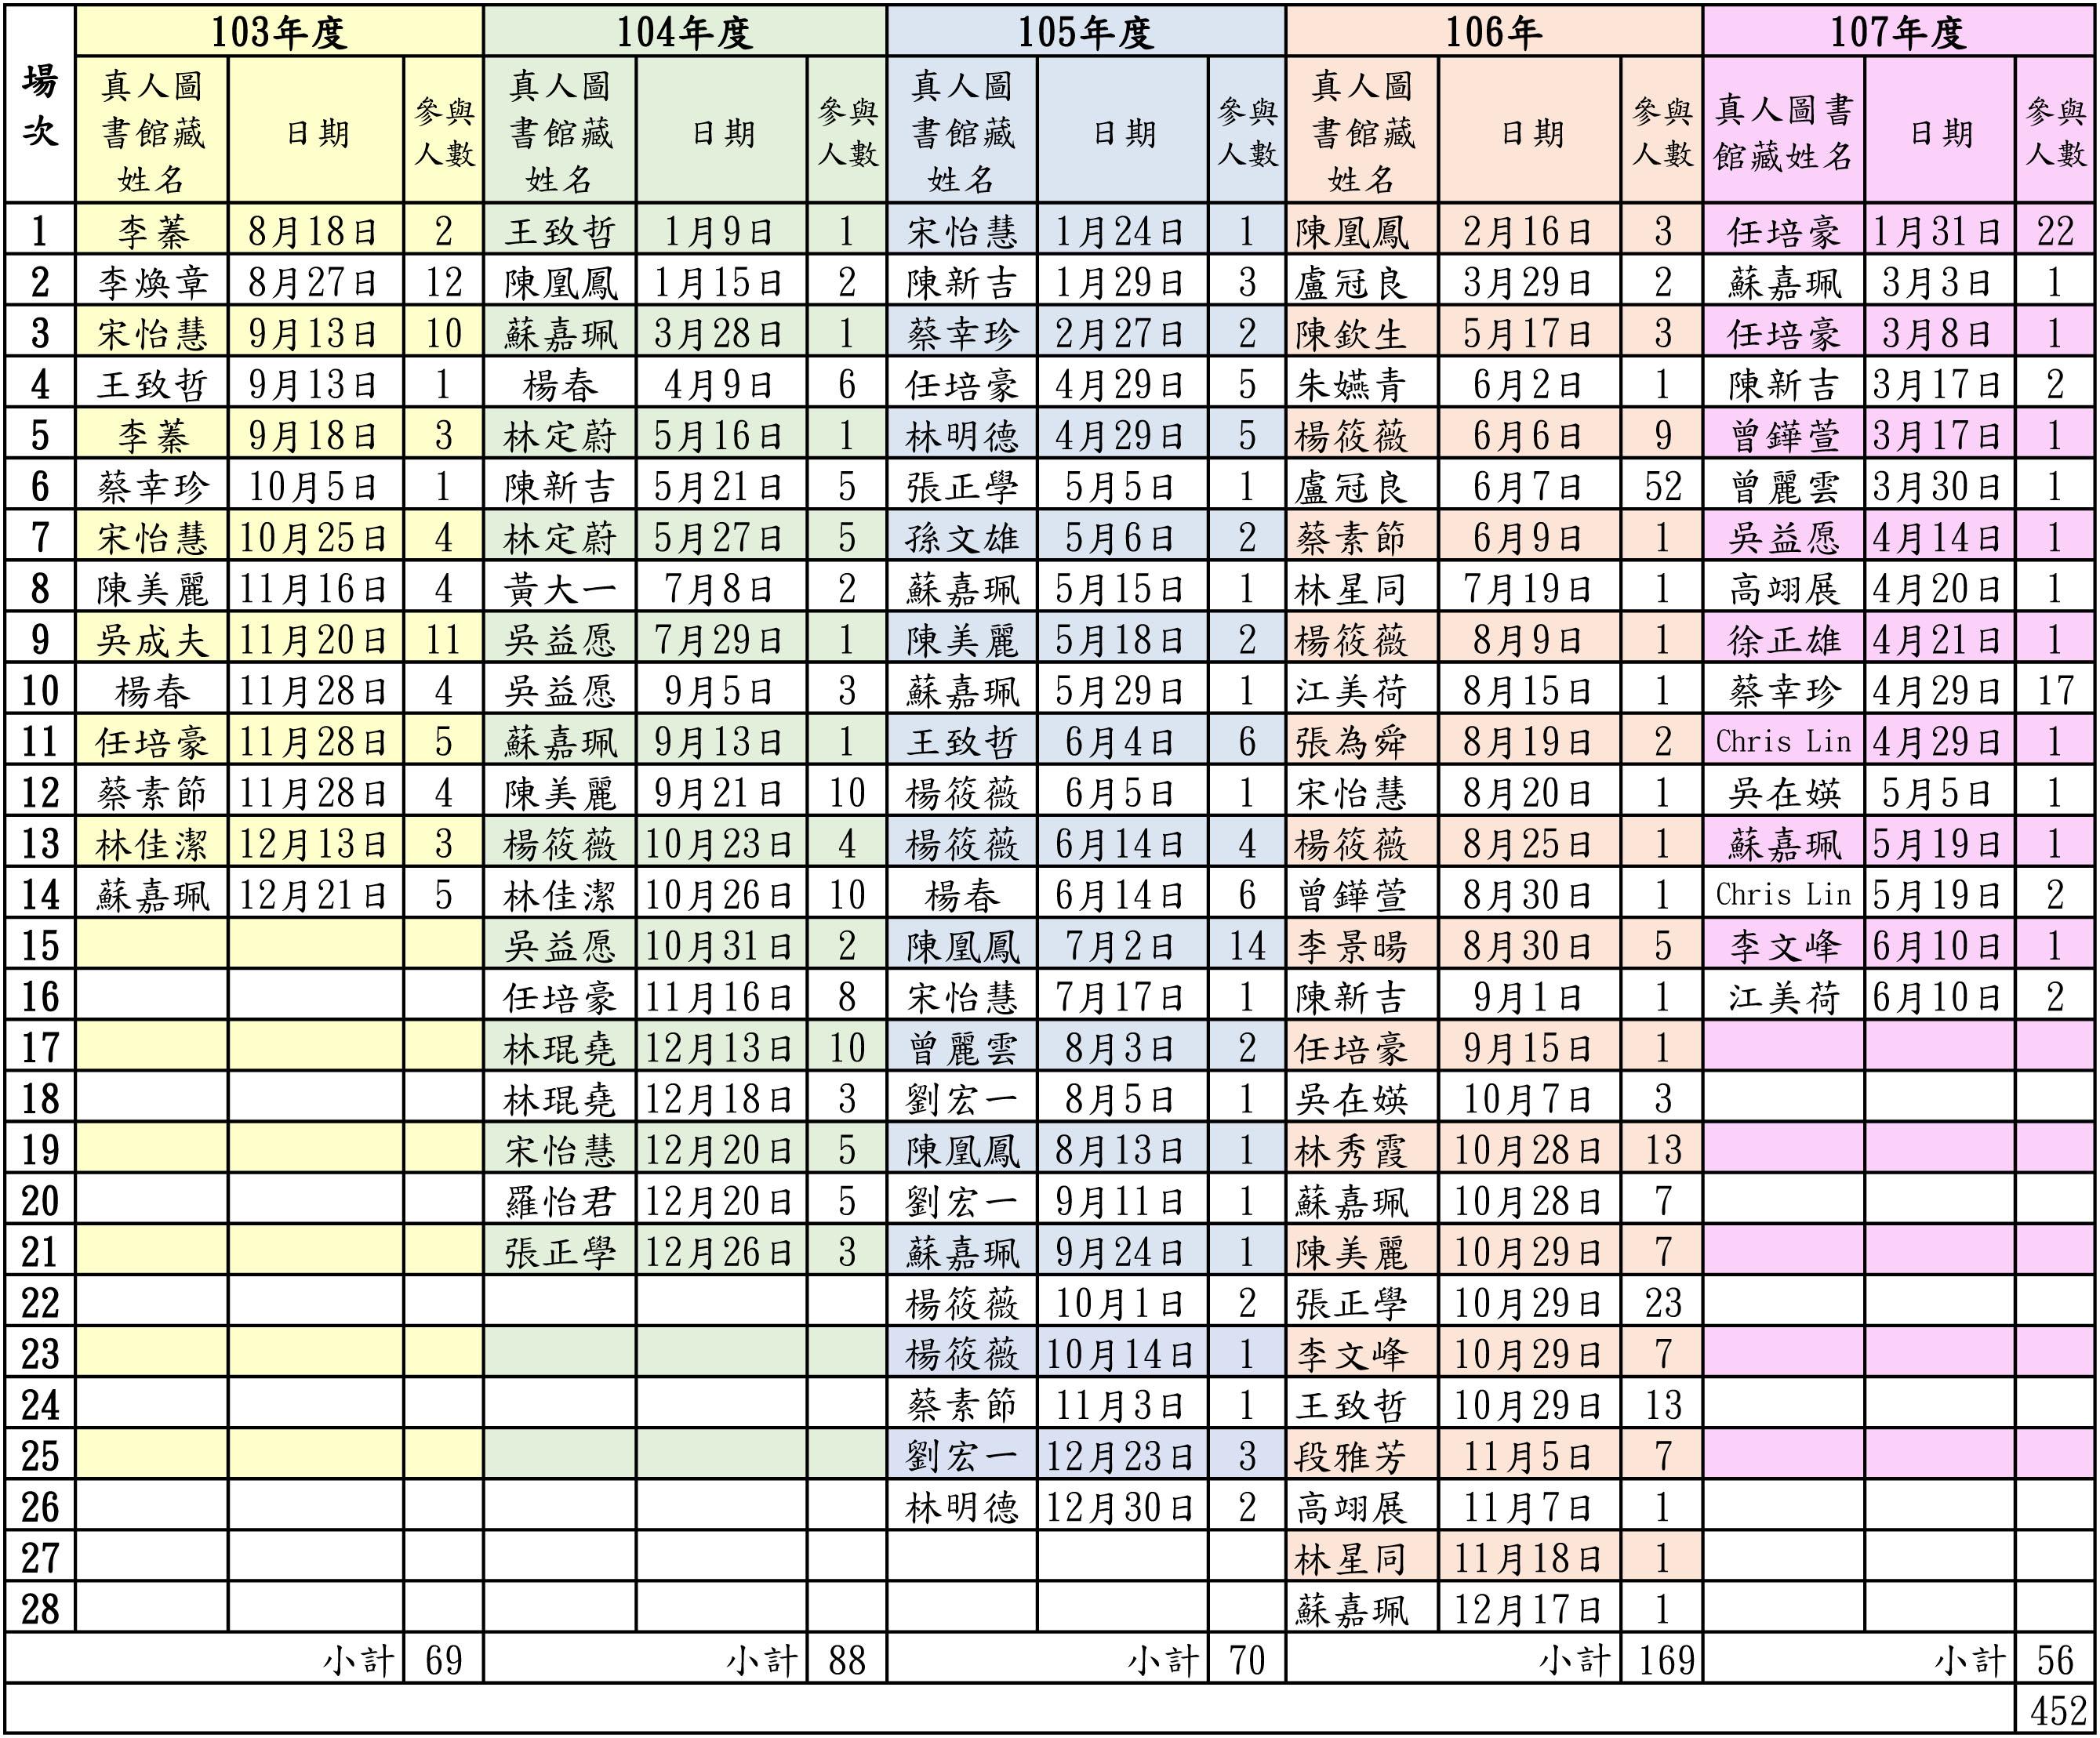 真人圖書館借閱統計表